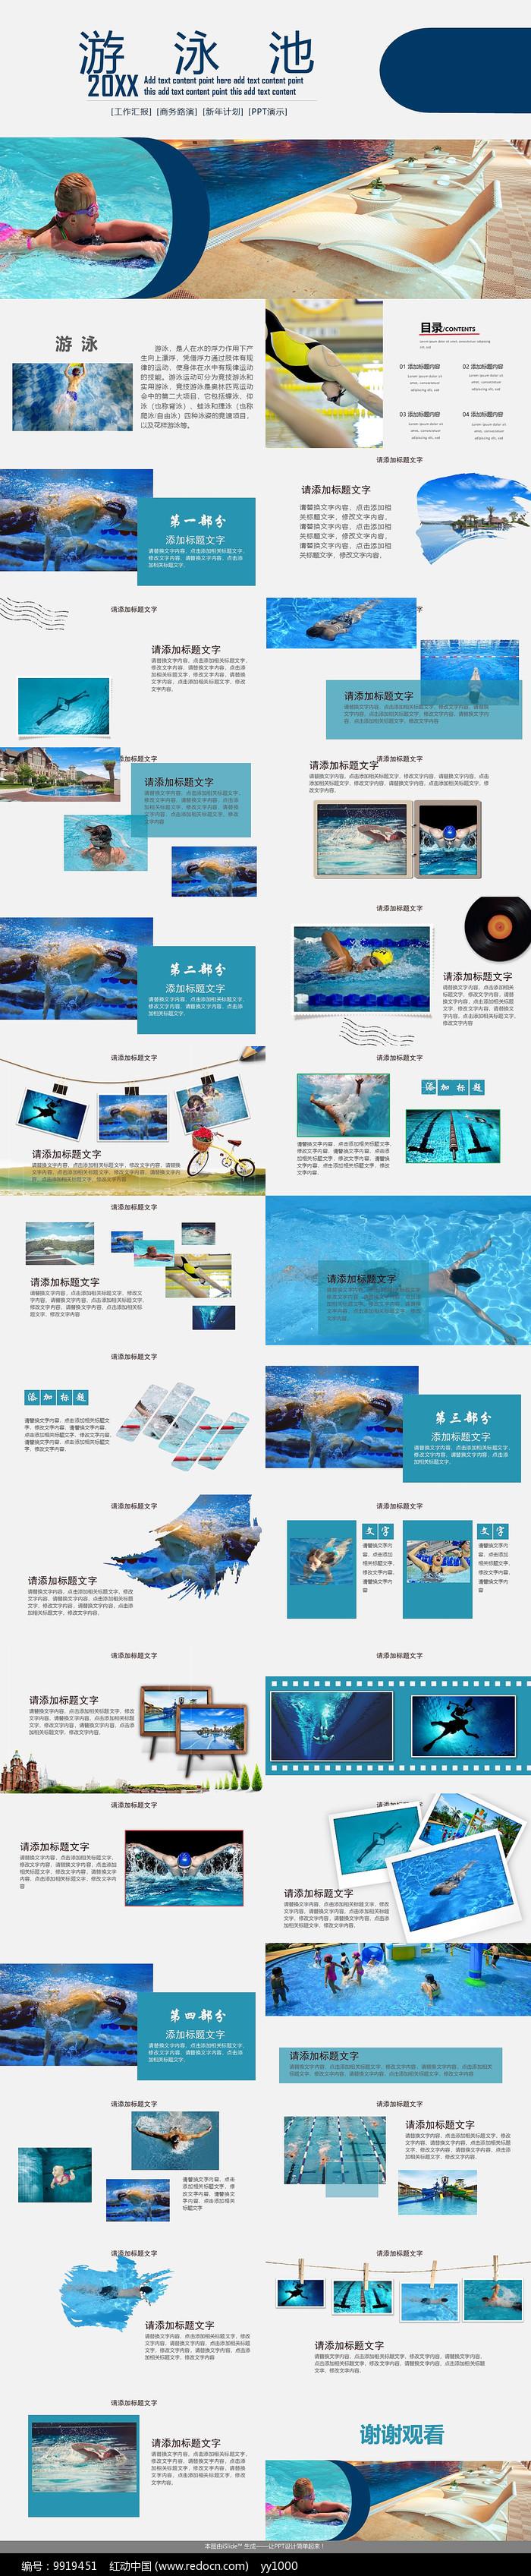 游泳运动培训PPT模板图片